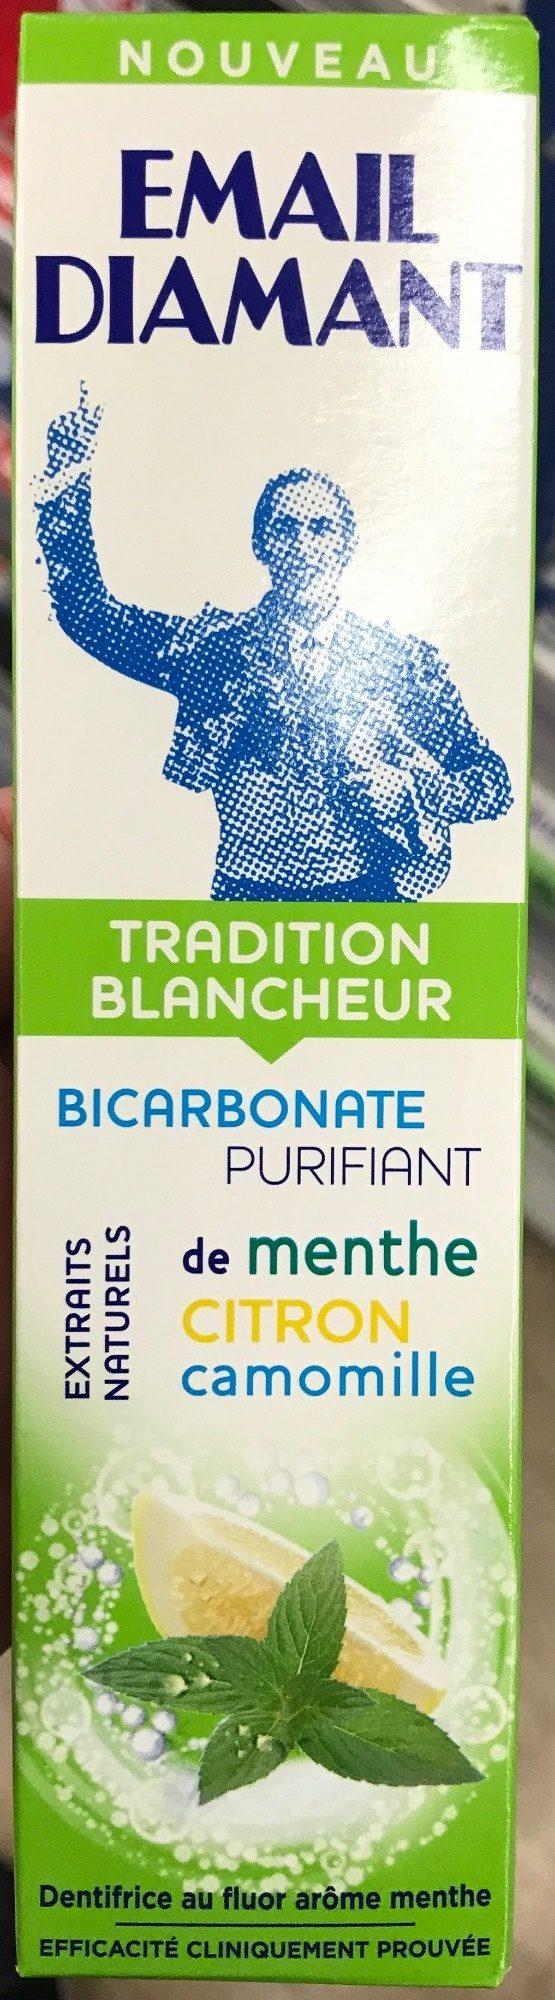 Tradition Blancheur Bicarbonate Purifiant, Extraits naturels de Menthe, Citron, Camomille - Produit